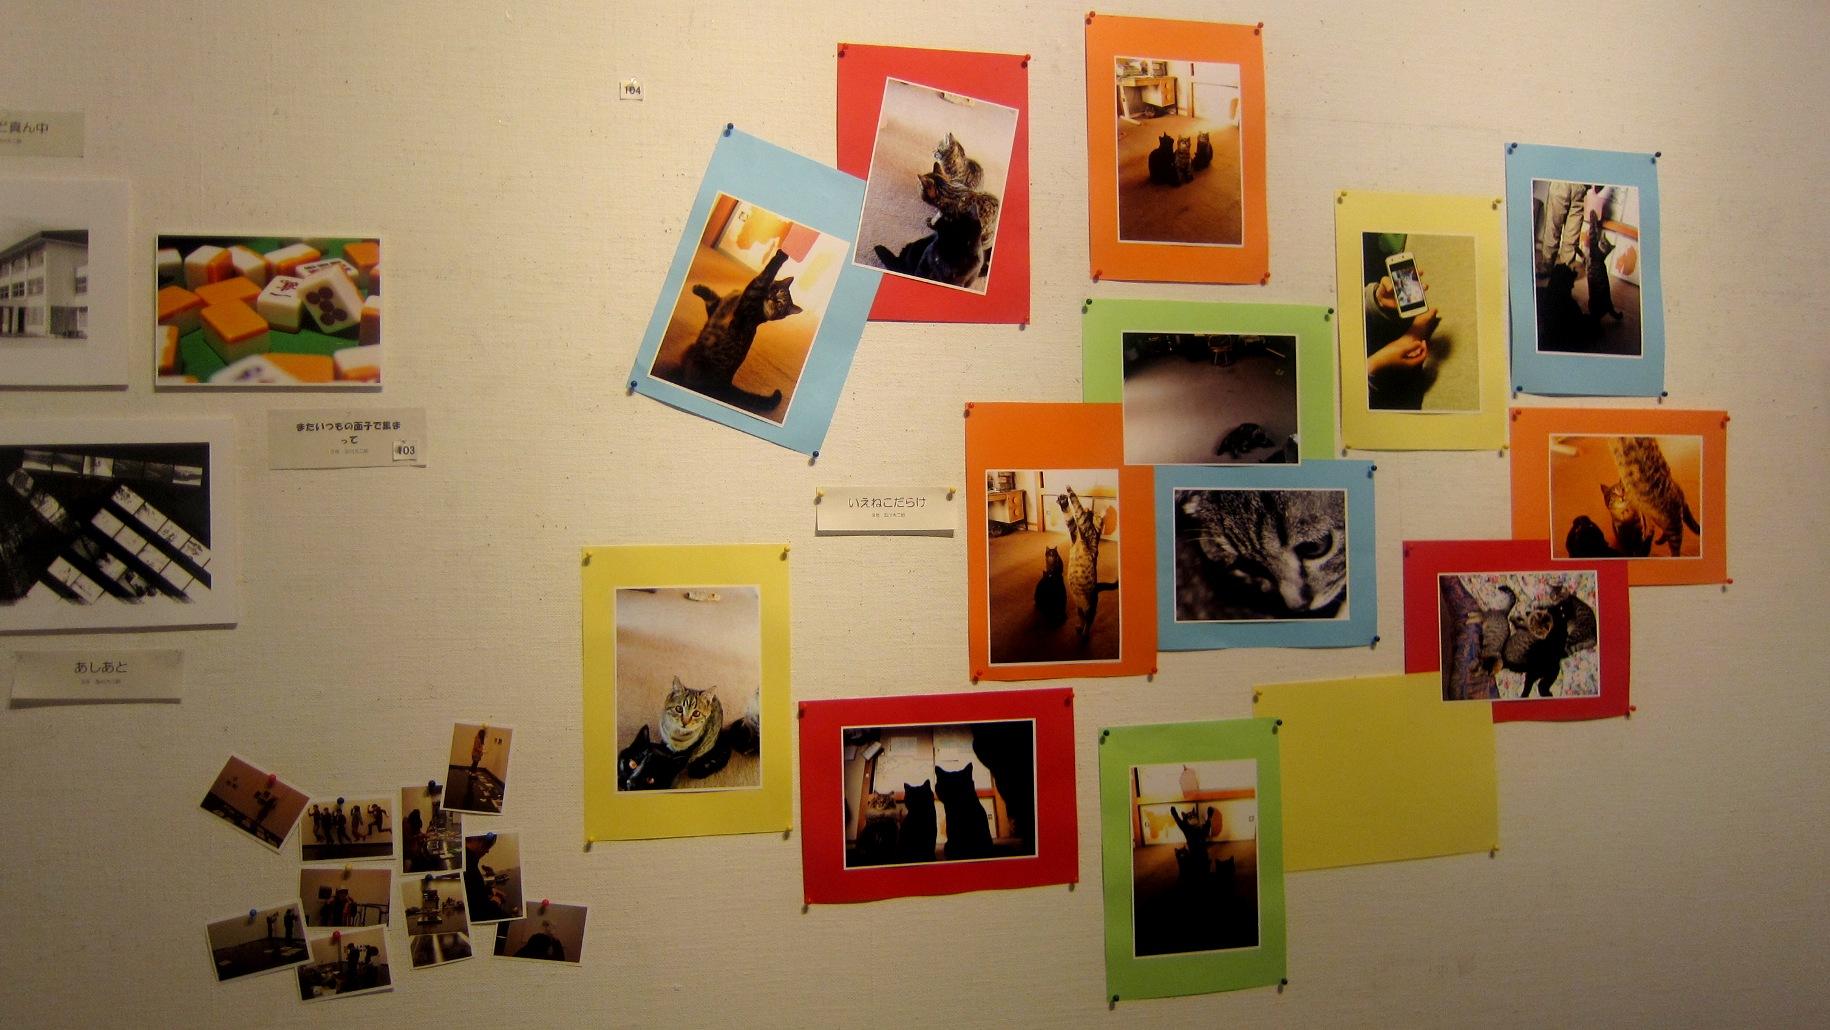 1943)①「札幌大学写真部 卒業写真展 & 学外写真展」 市民g. 終了2月20日(水)~2月24日(日)  _f0126829_22241083.jpg